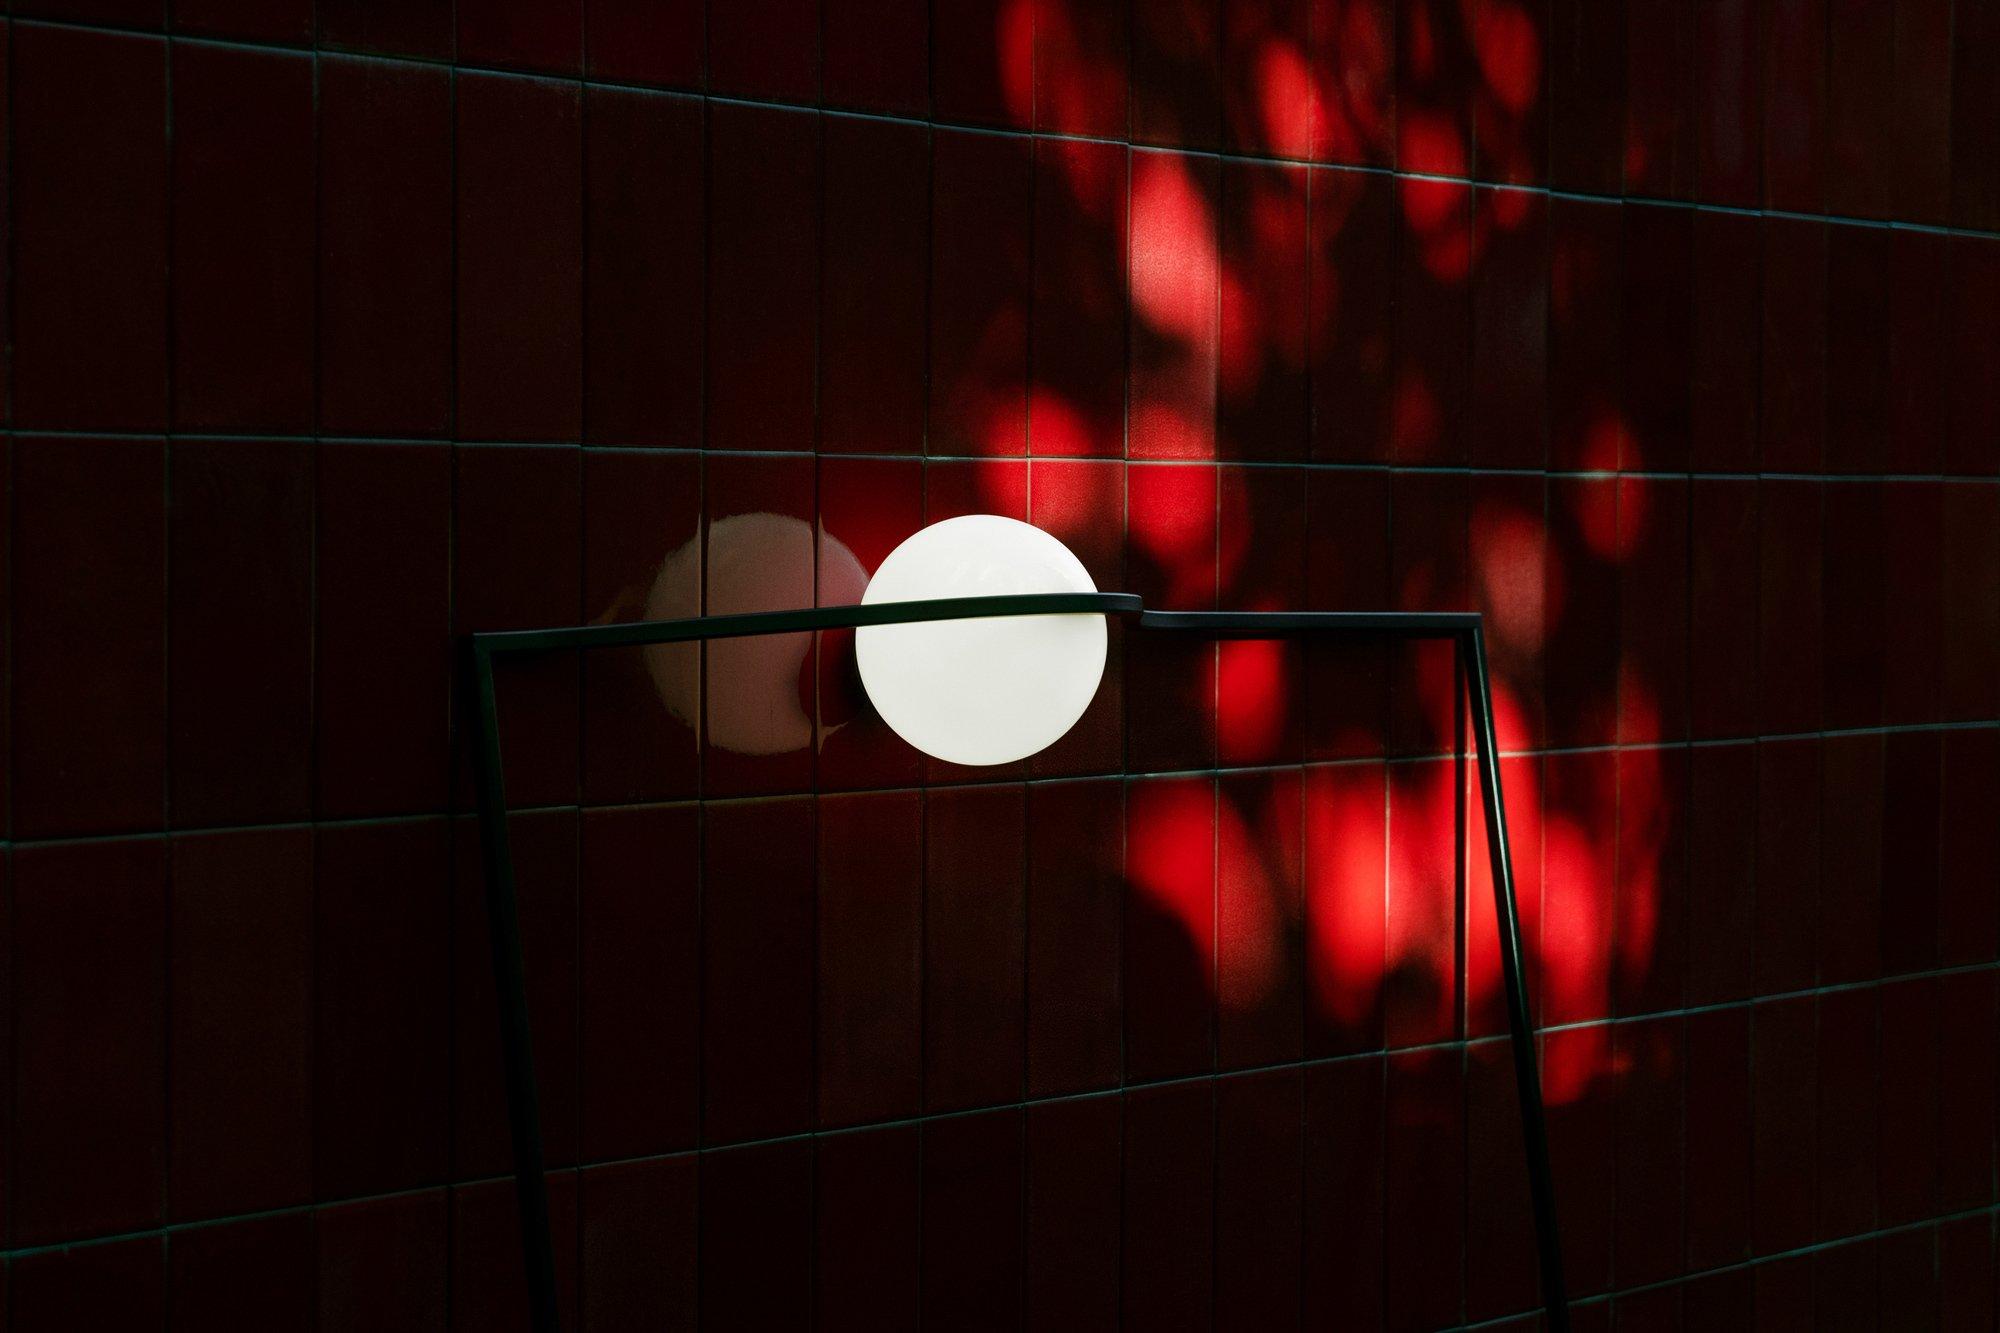 Handwerkliches Know-how, Materialexperimente und ein wenig Übermut kennzeichnen das aktuelle Leuchtendesign. Wir bringen Licht ins Dunkel der Produktneuheiten. Bild: Nendo, Heco, Flos. Foto: Tommaso Sartori/ Flos